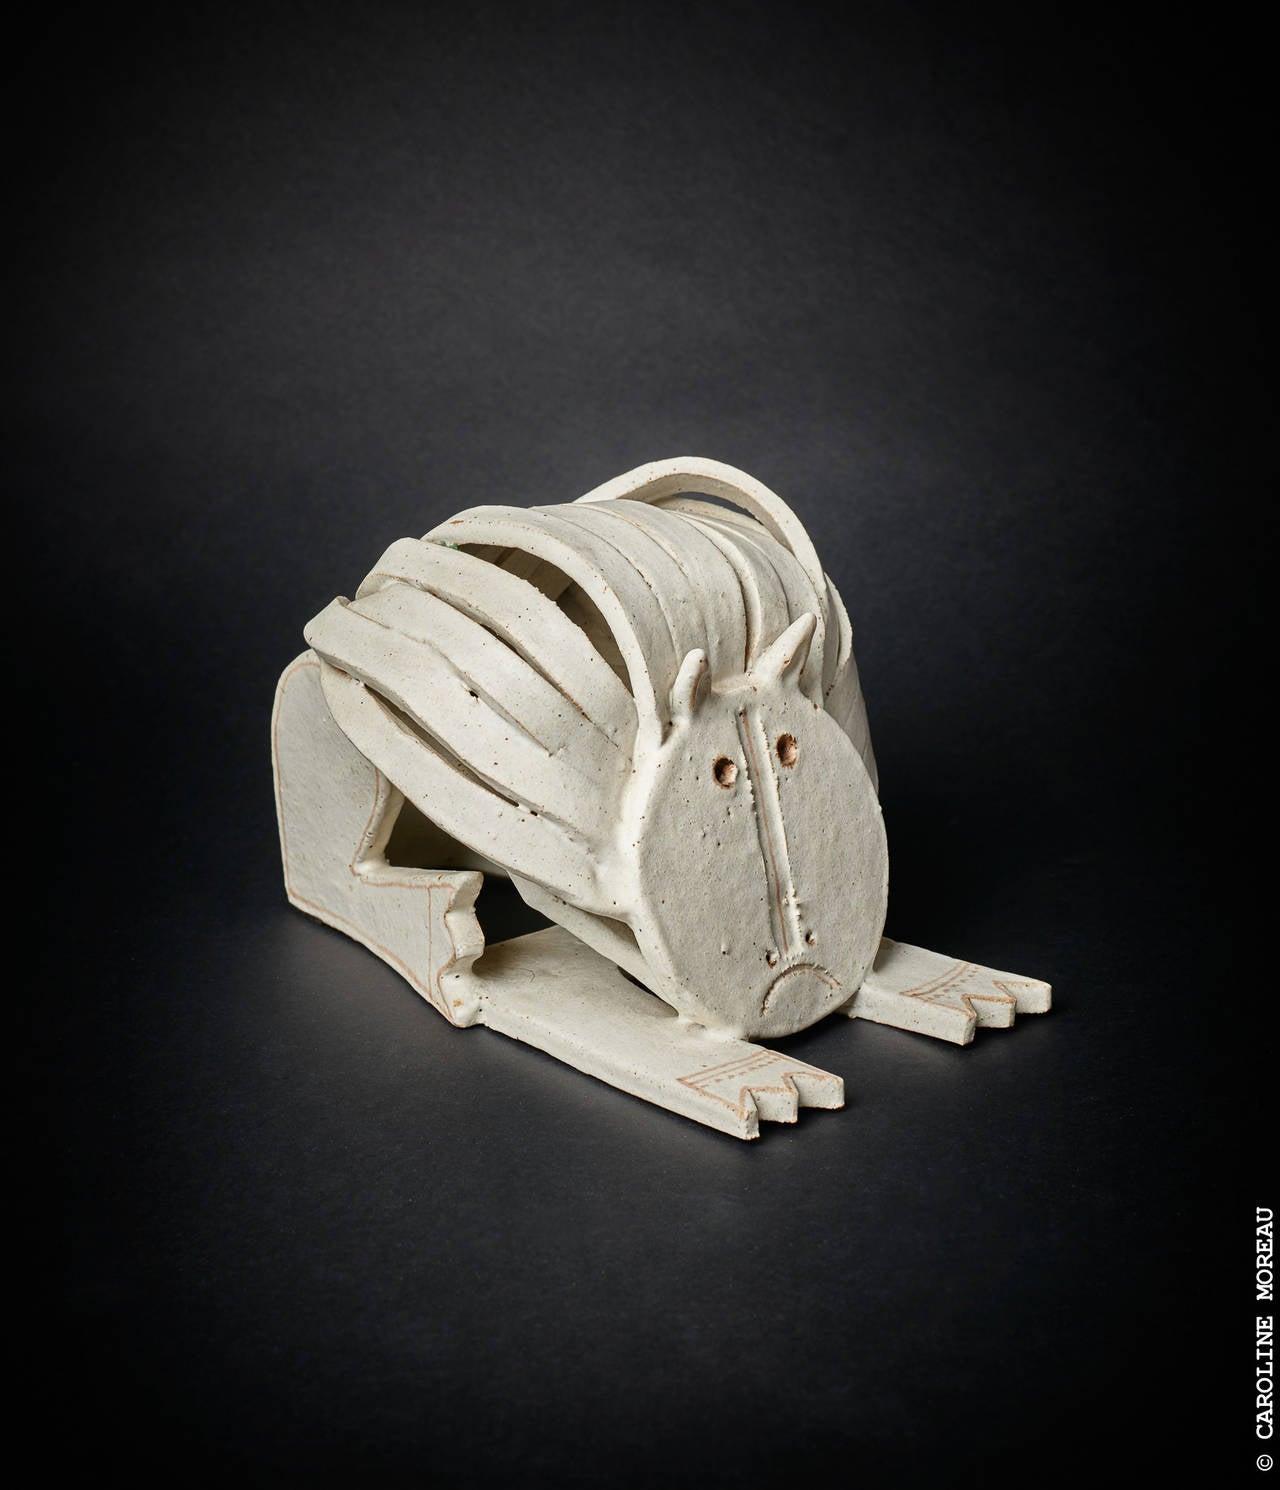 Cat Ceramic Sculpture by Bruno Gambone 1970's 3